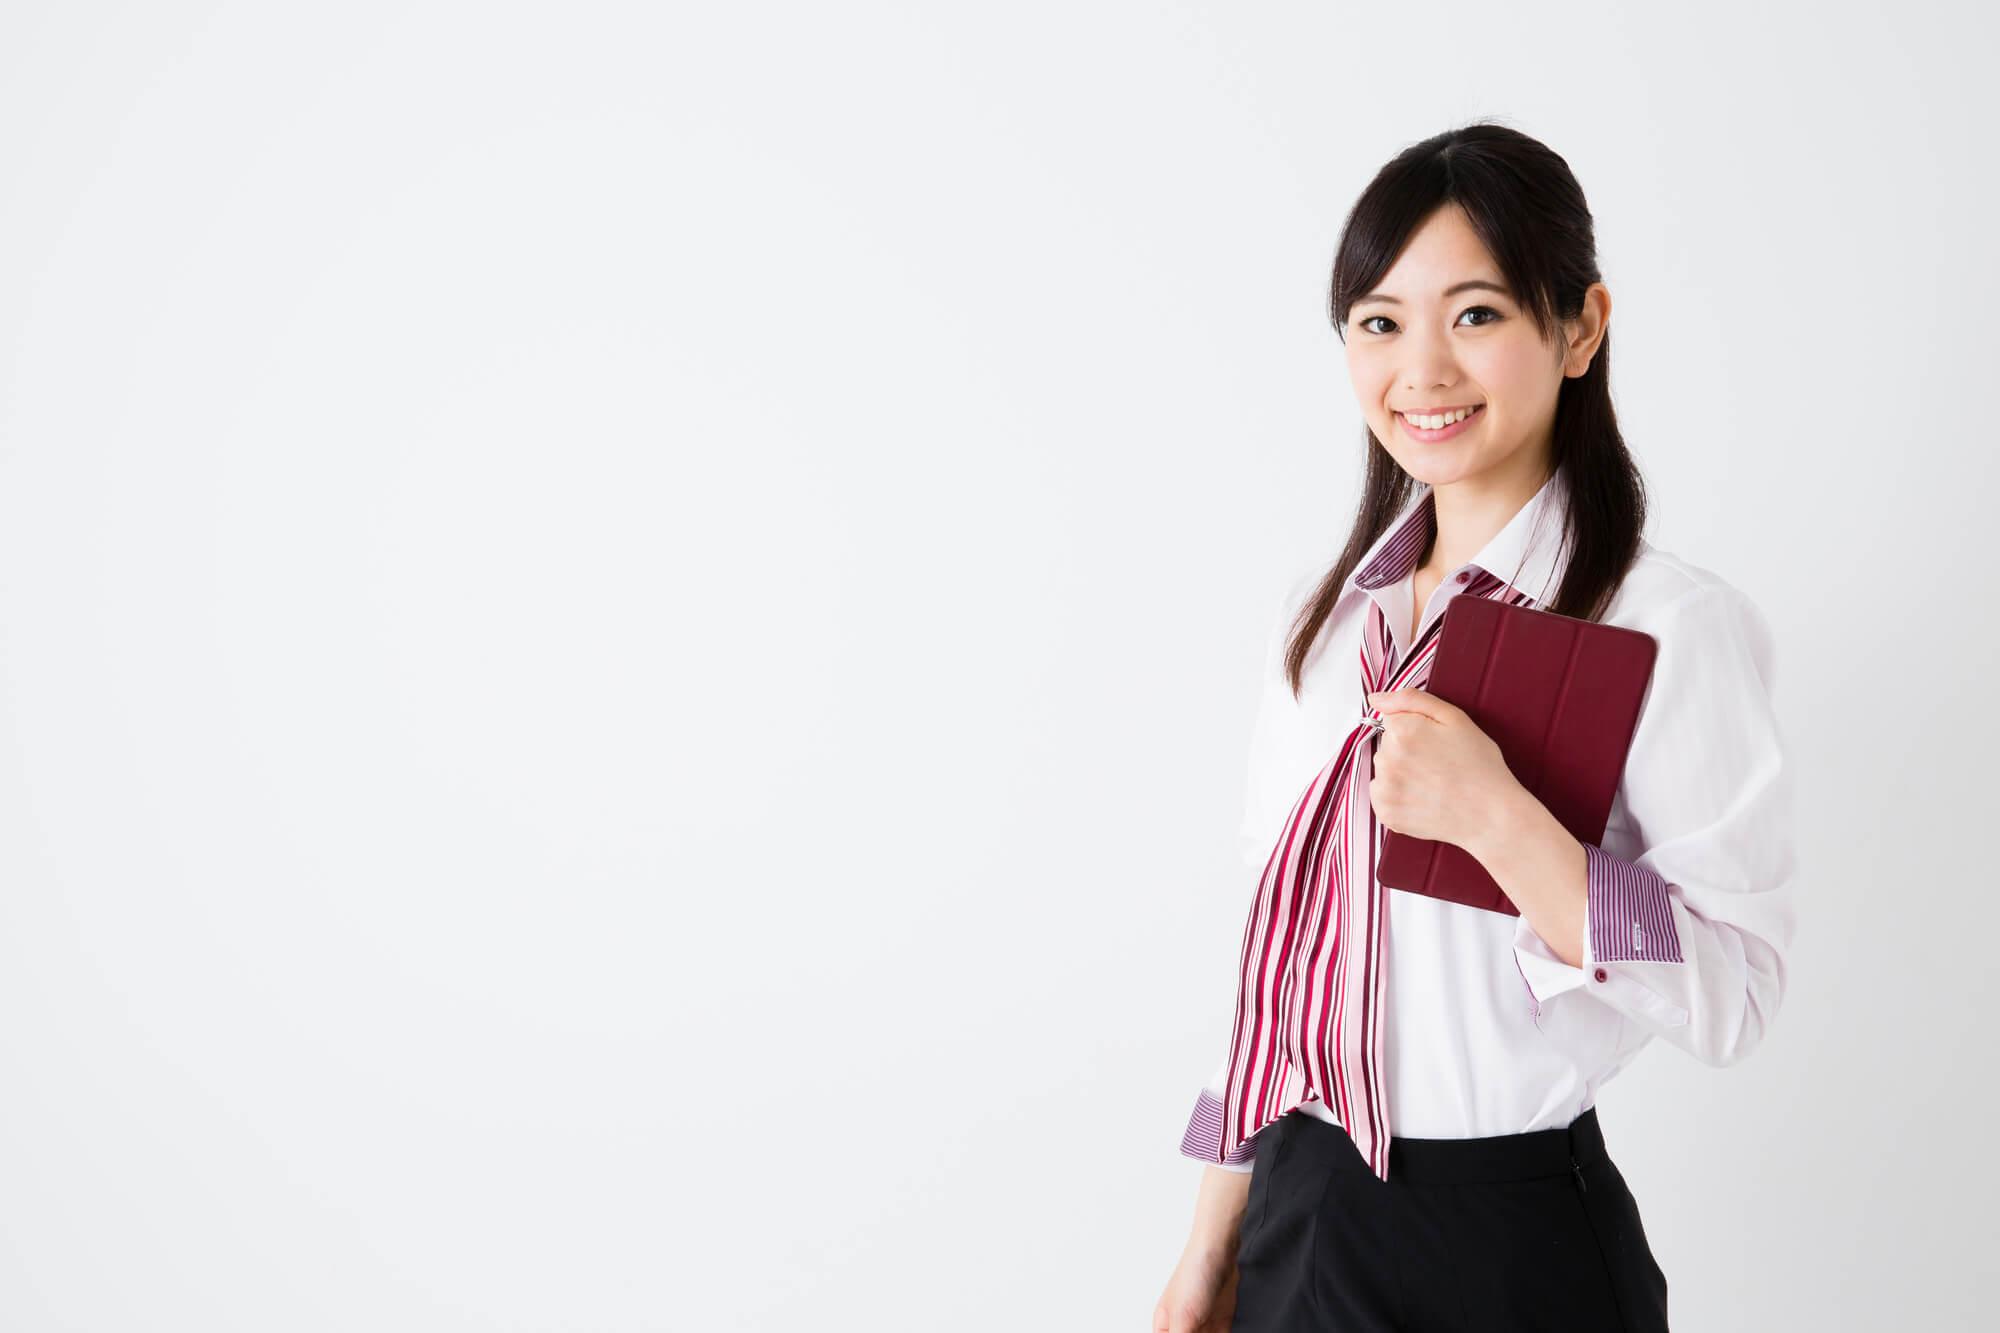 福岡新卒求人募集